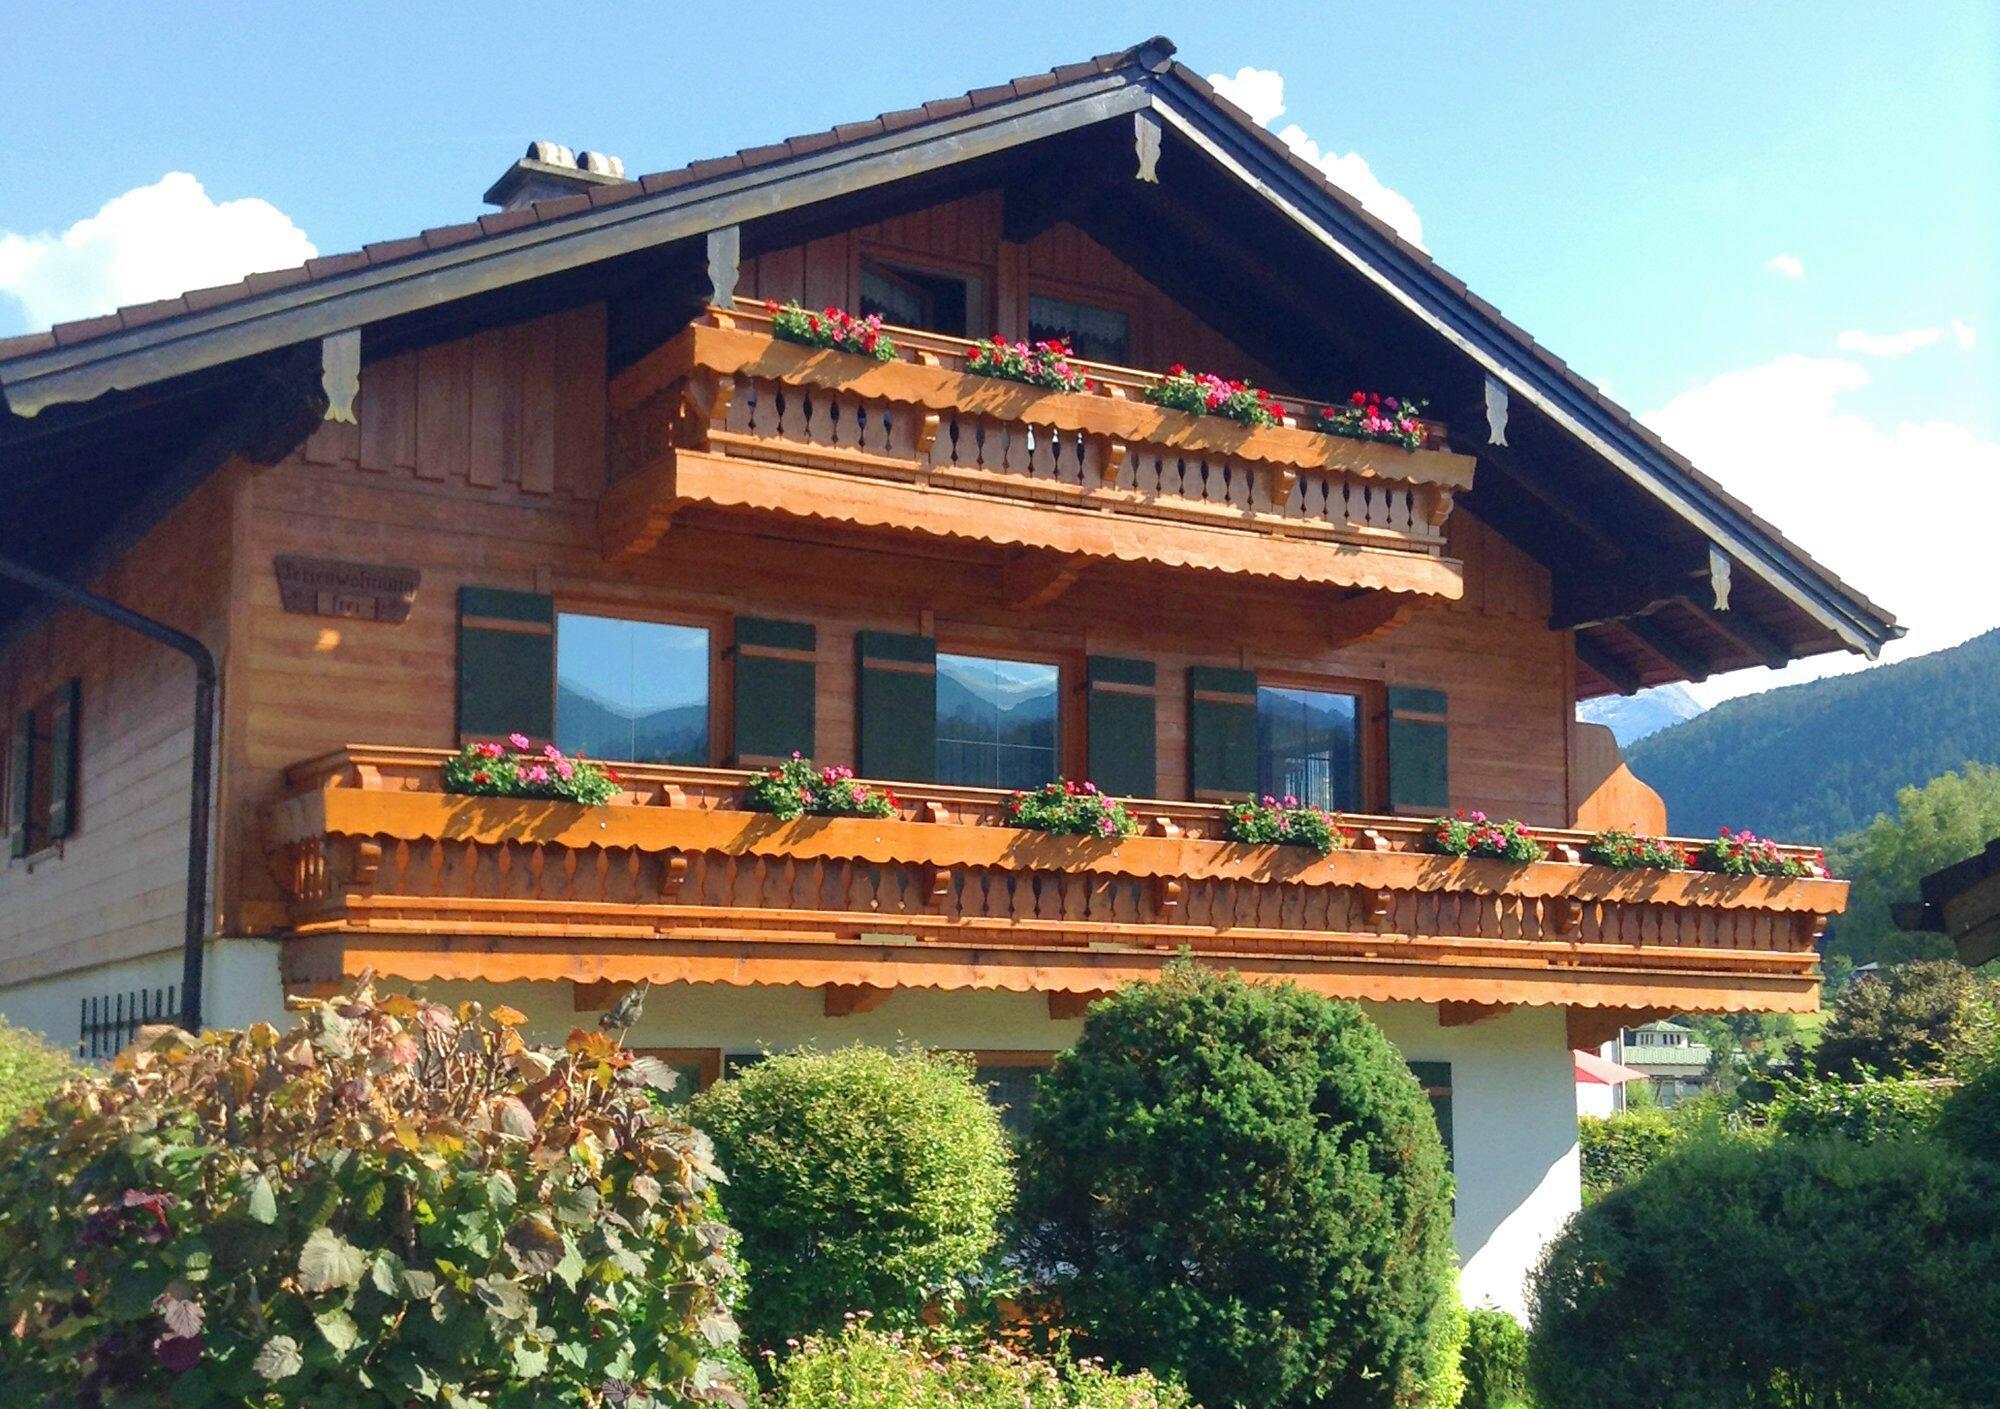 Haus Aigner (DE Bischofswiesen). Ferienwohnung für  1-4 Personen, 45 bzw. 65 m², 2 Schlafzimmer, Wohnzimmer, Kochnische, 2 Bäder, Balkon